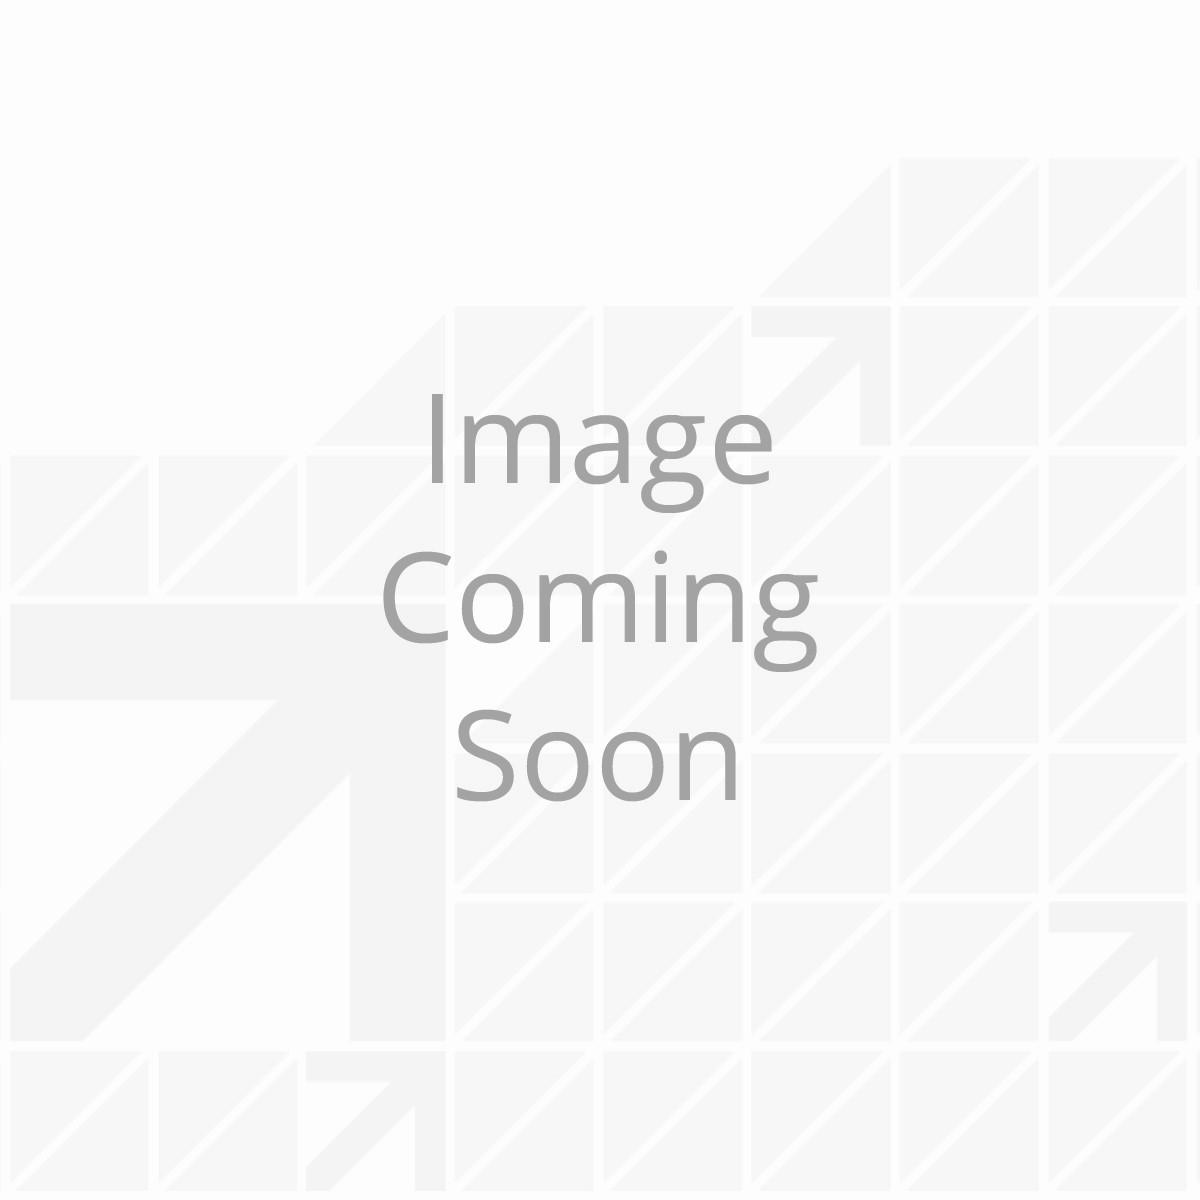 695814_-_oil_cap_-_001